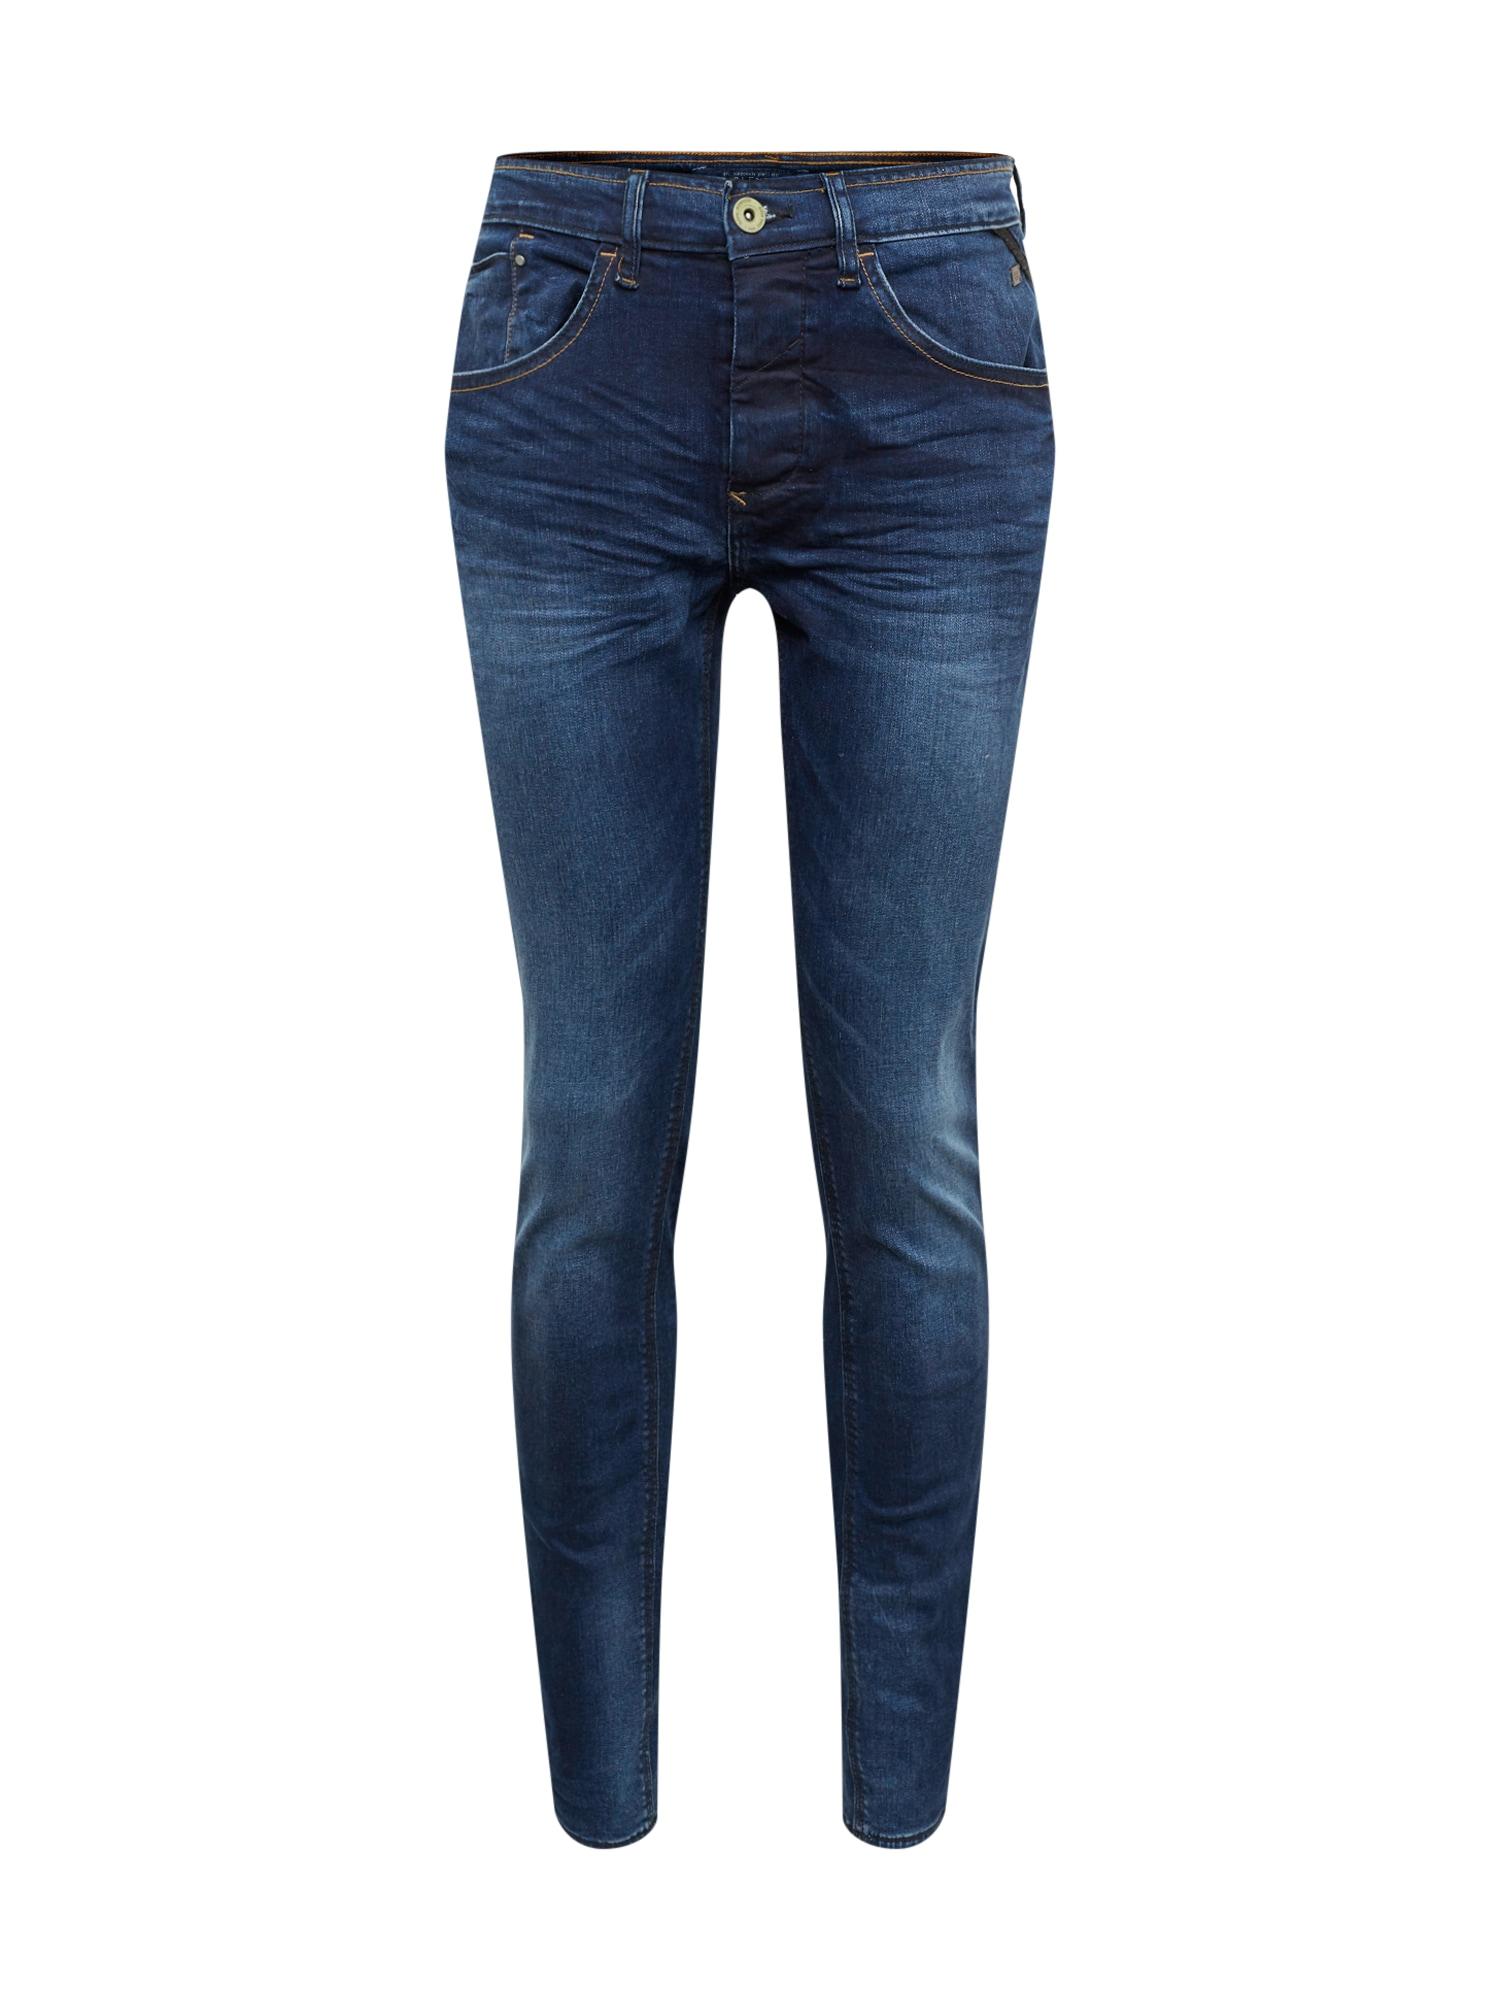 BLEND Džinsai 'Twister Regular Straight' tamsiai (džinso) mėlyna